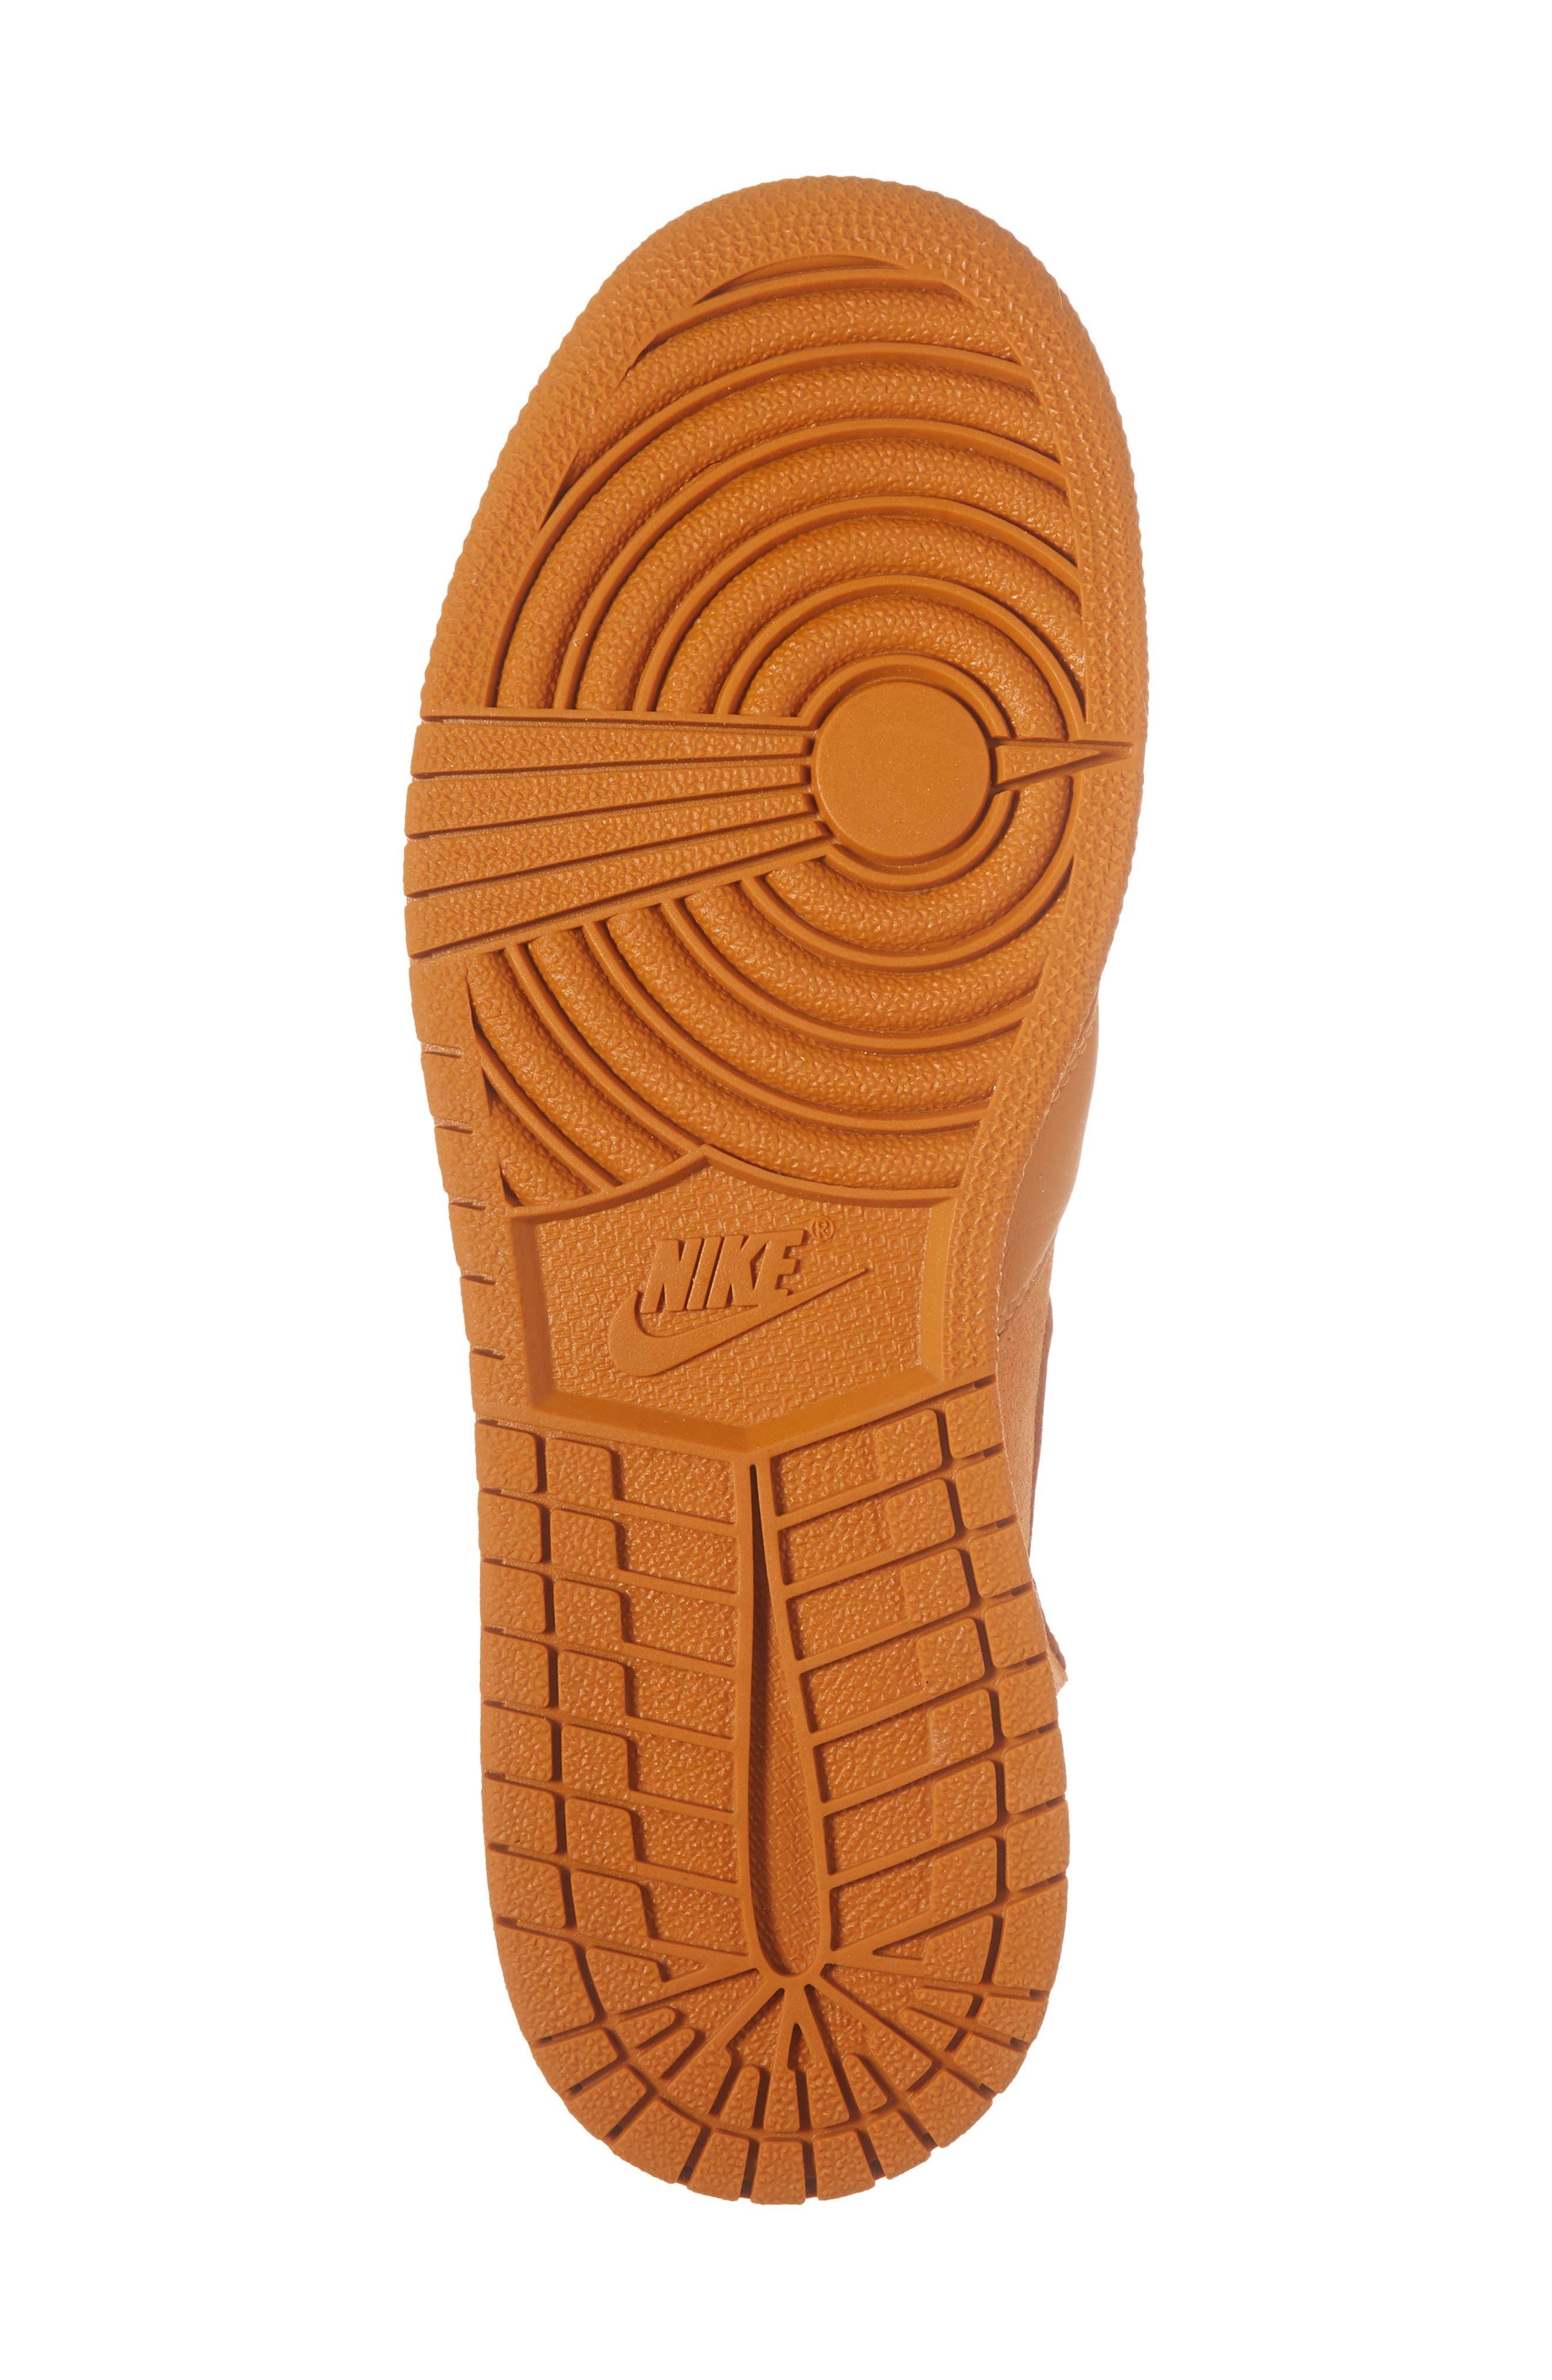 Air Jordan 1 Rebel XX High Top Sneaker,                             Alternate thumbnail 6, color,                             Cinder Orange